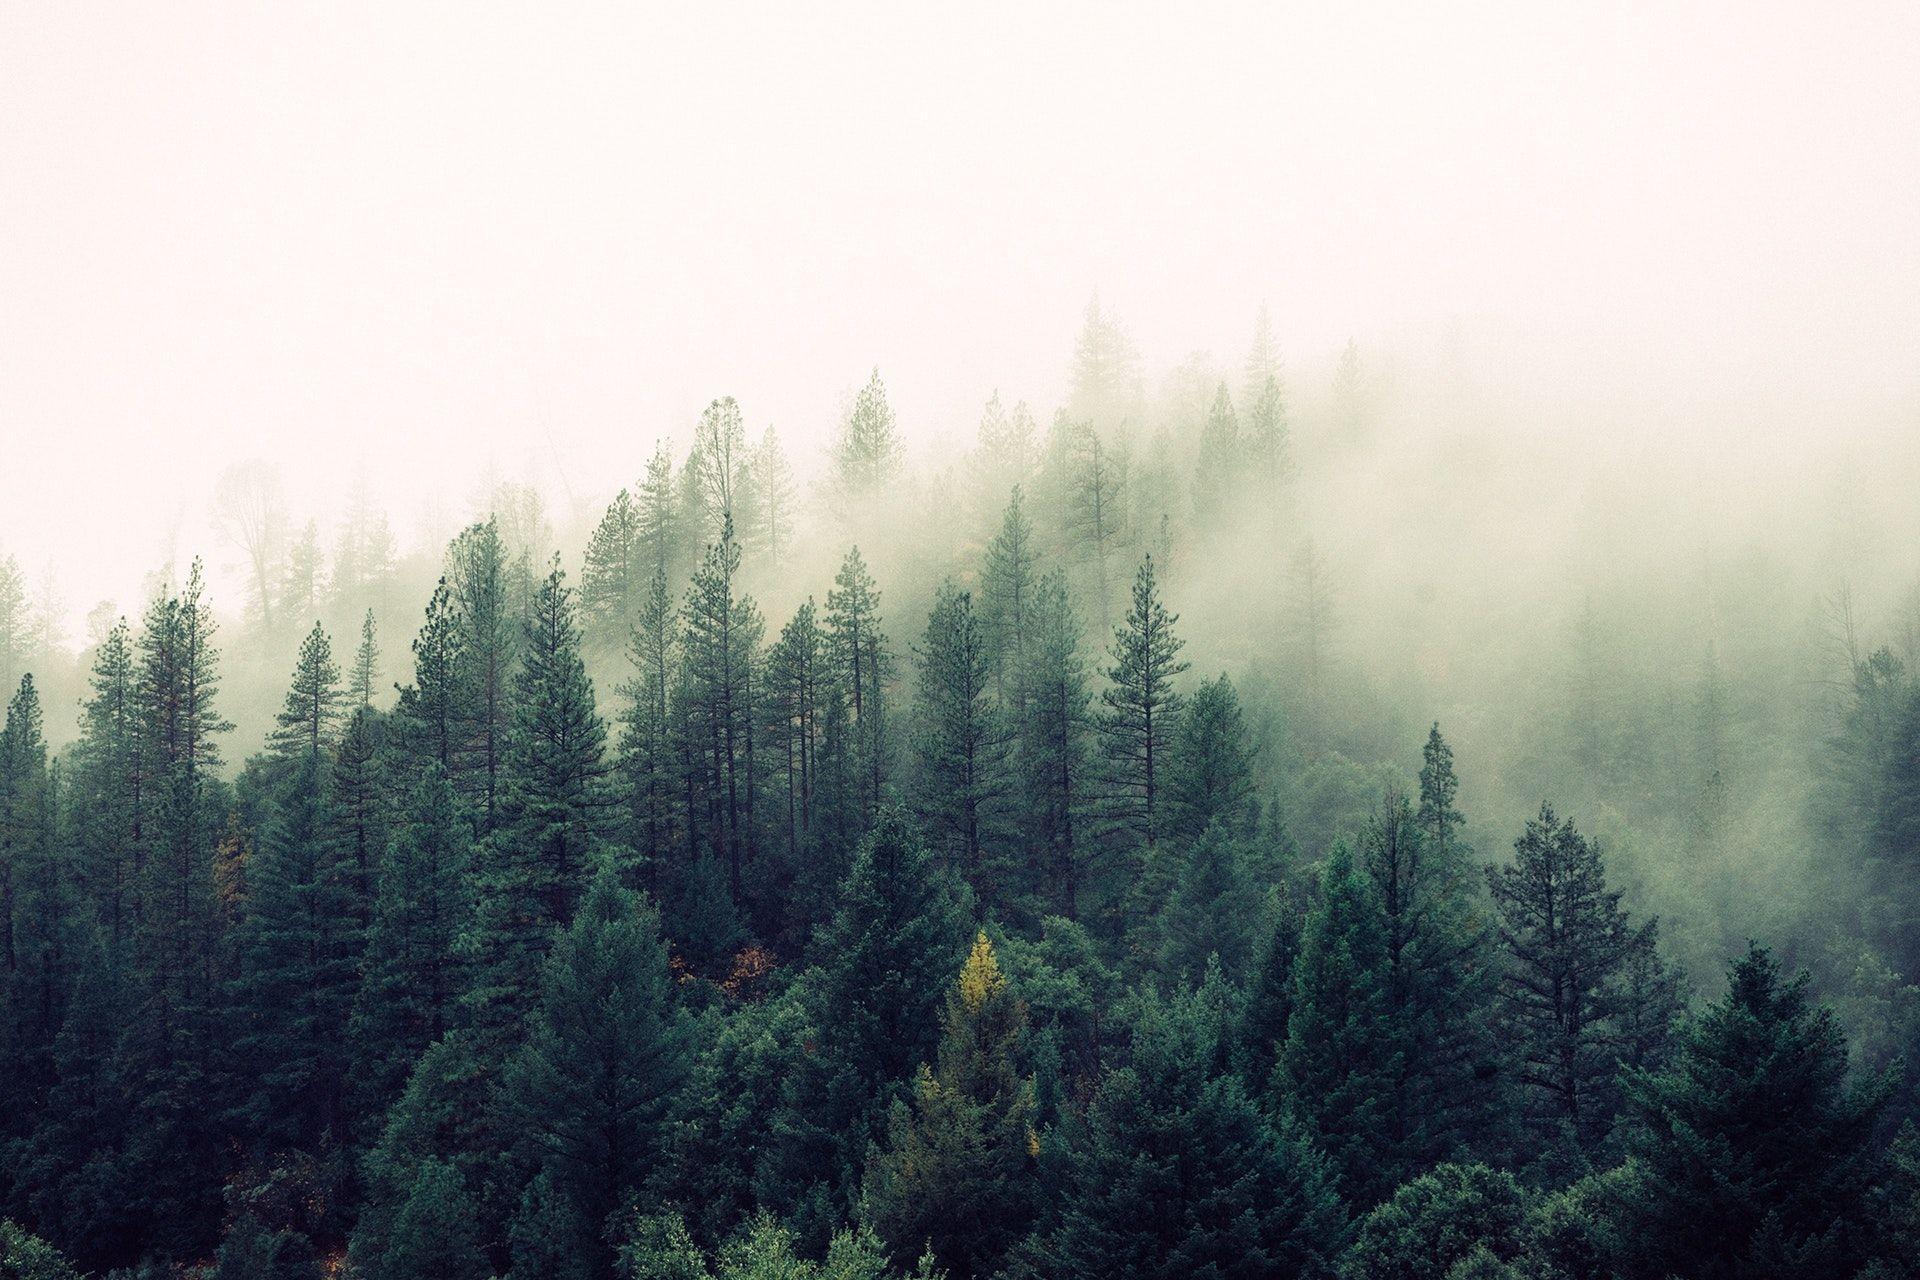 عکس زمینه درختان در جنگل سبز و مه پس زمینه